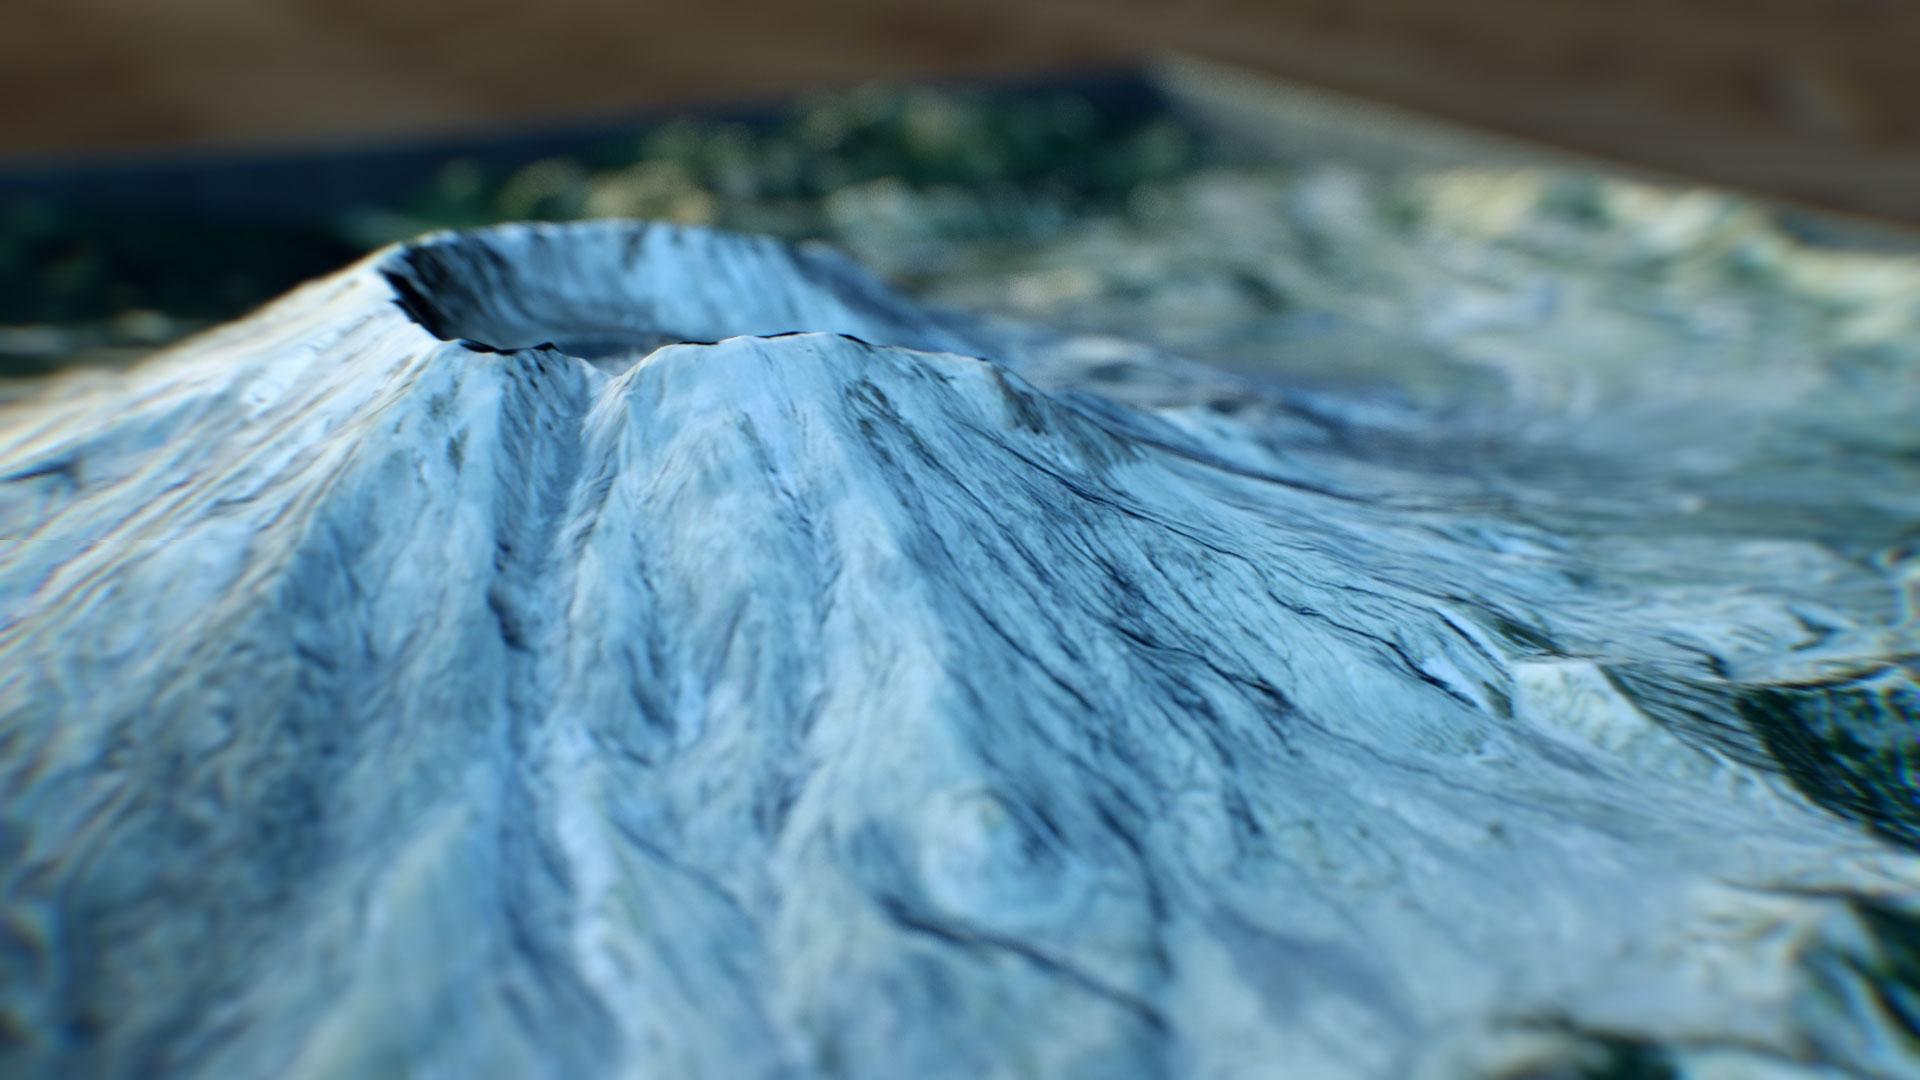 Patrick Wagner VFX Motion Design